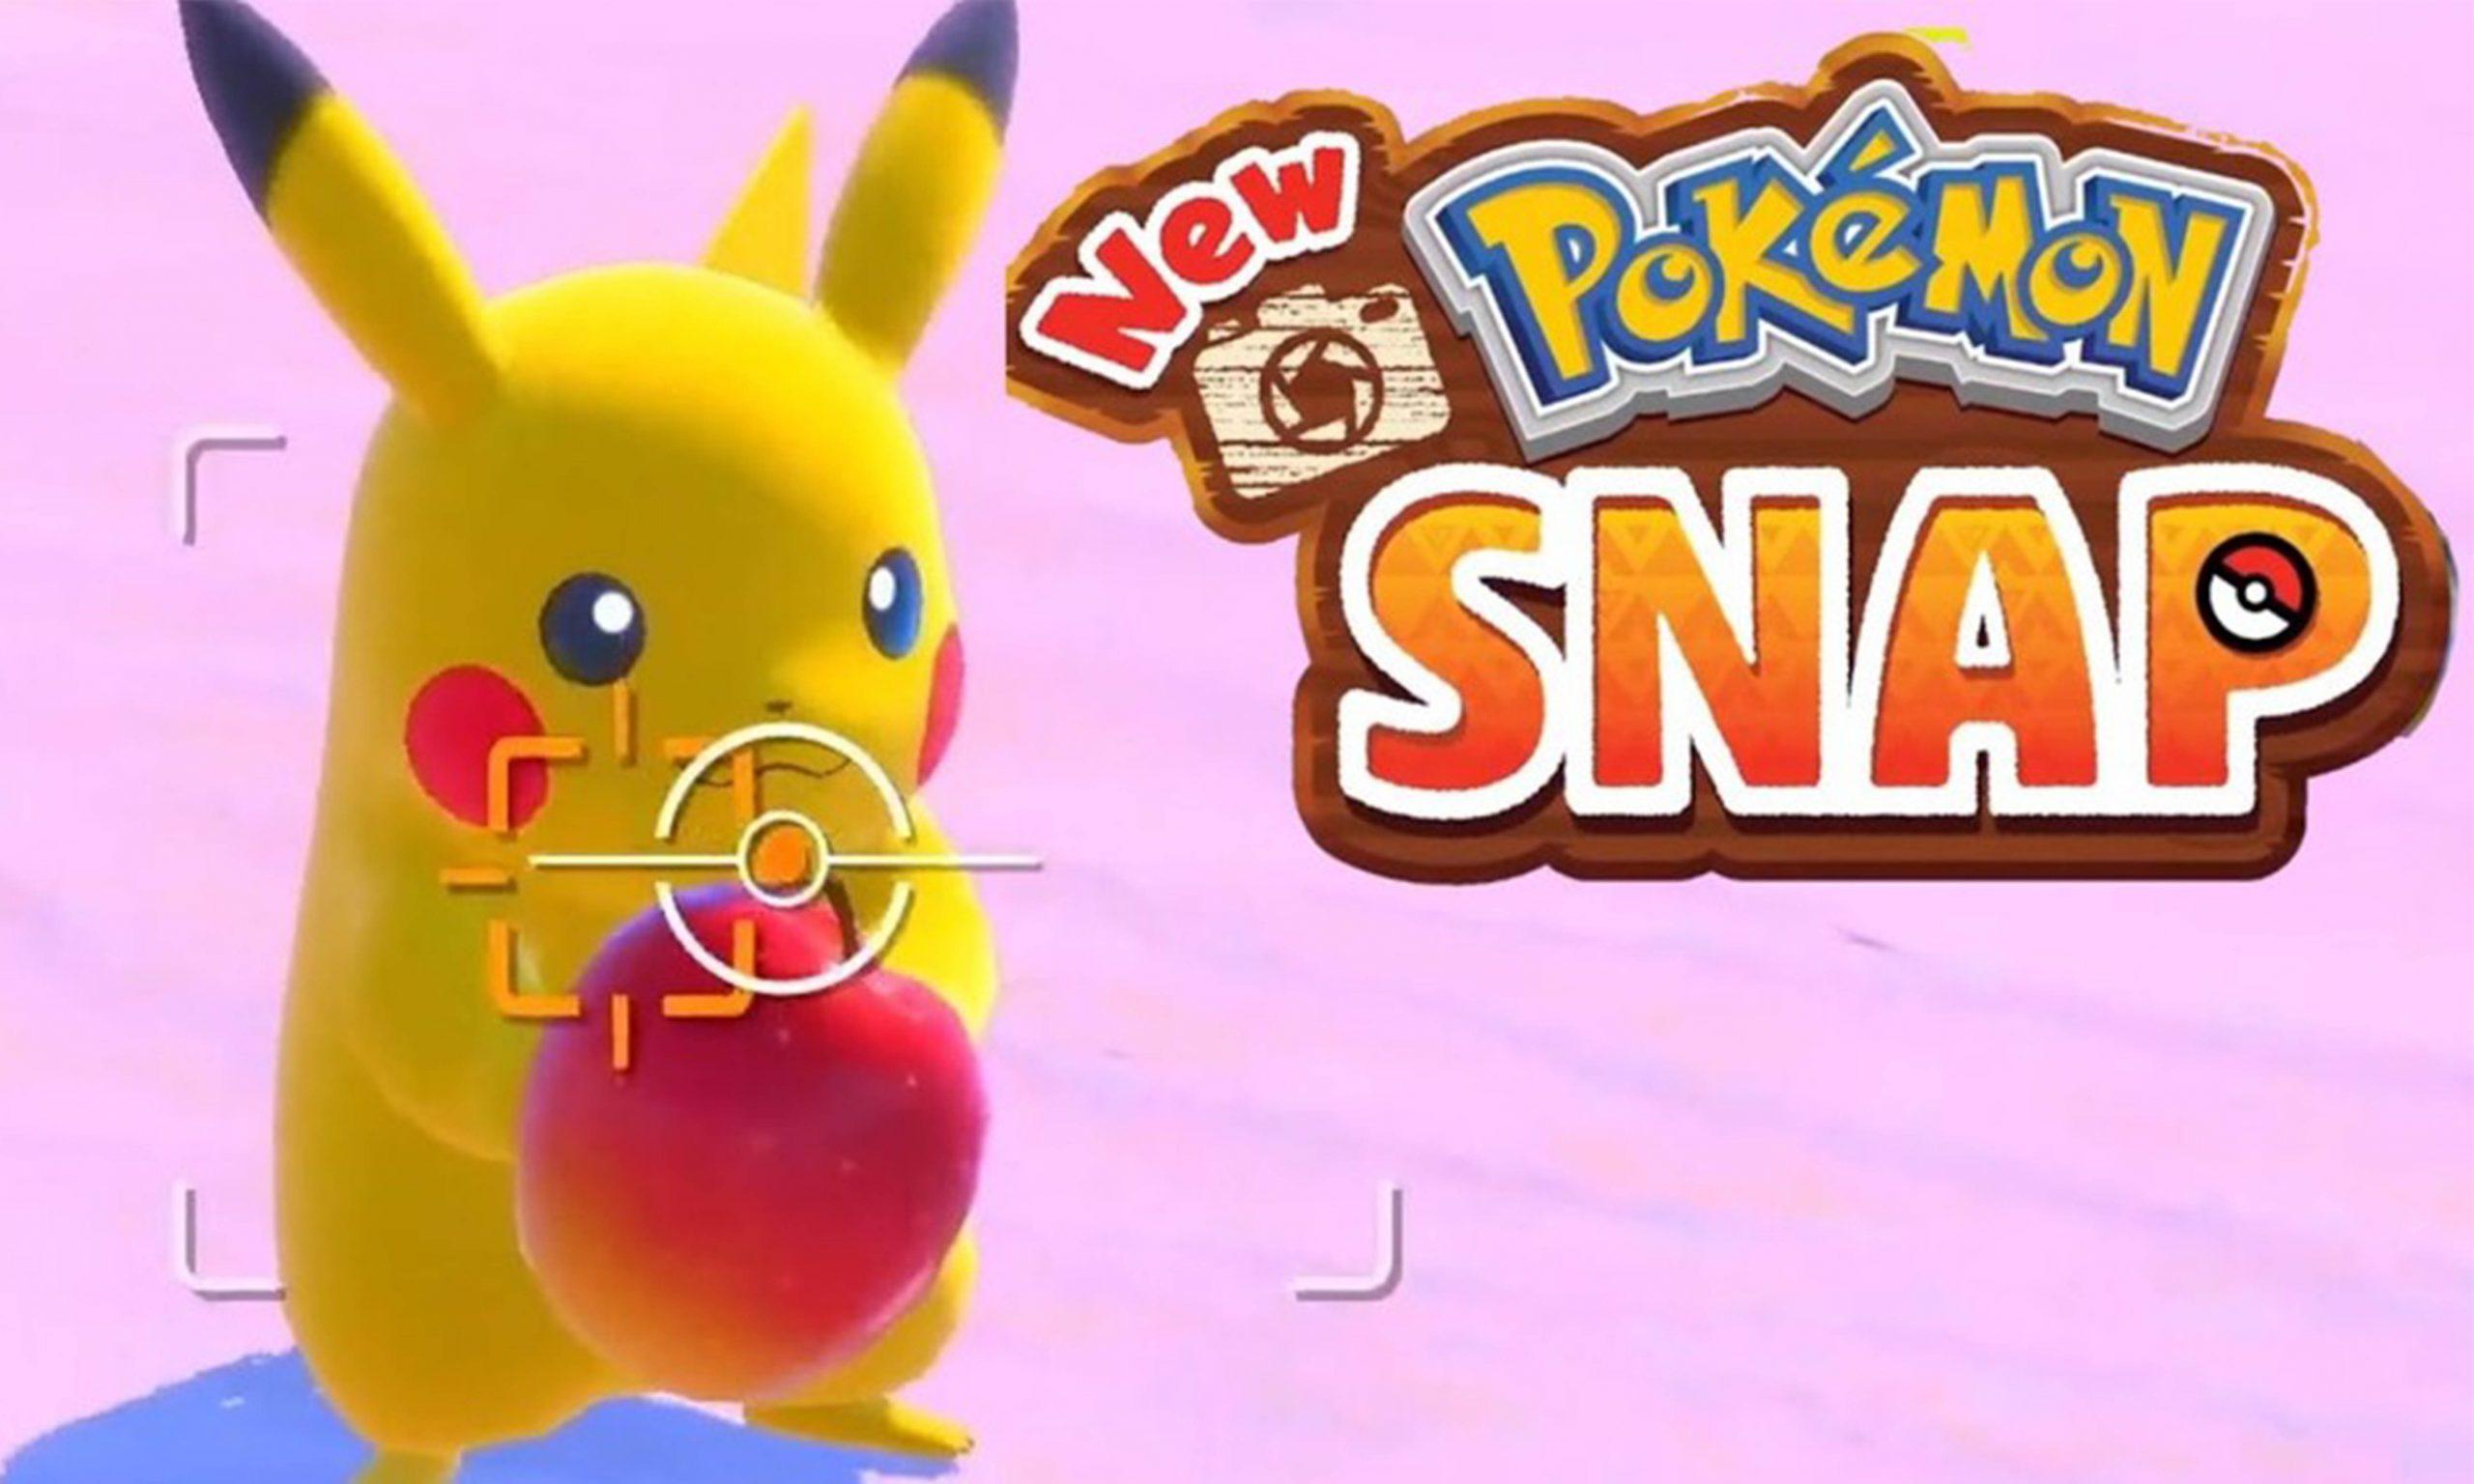 任天堂发布新款宝可梦游戏